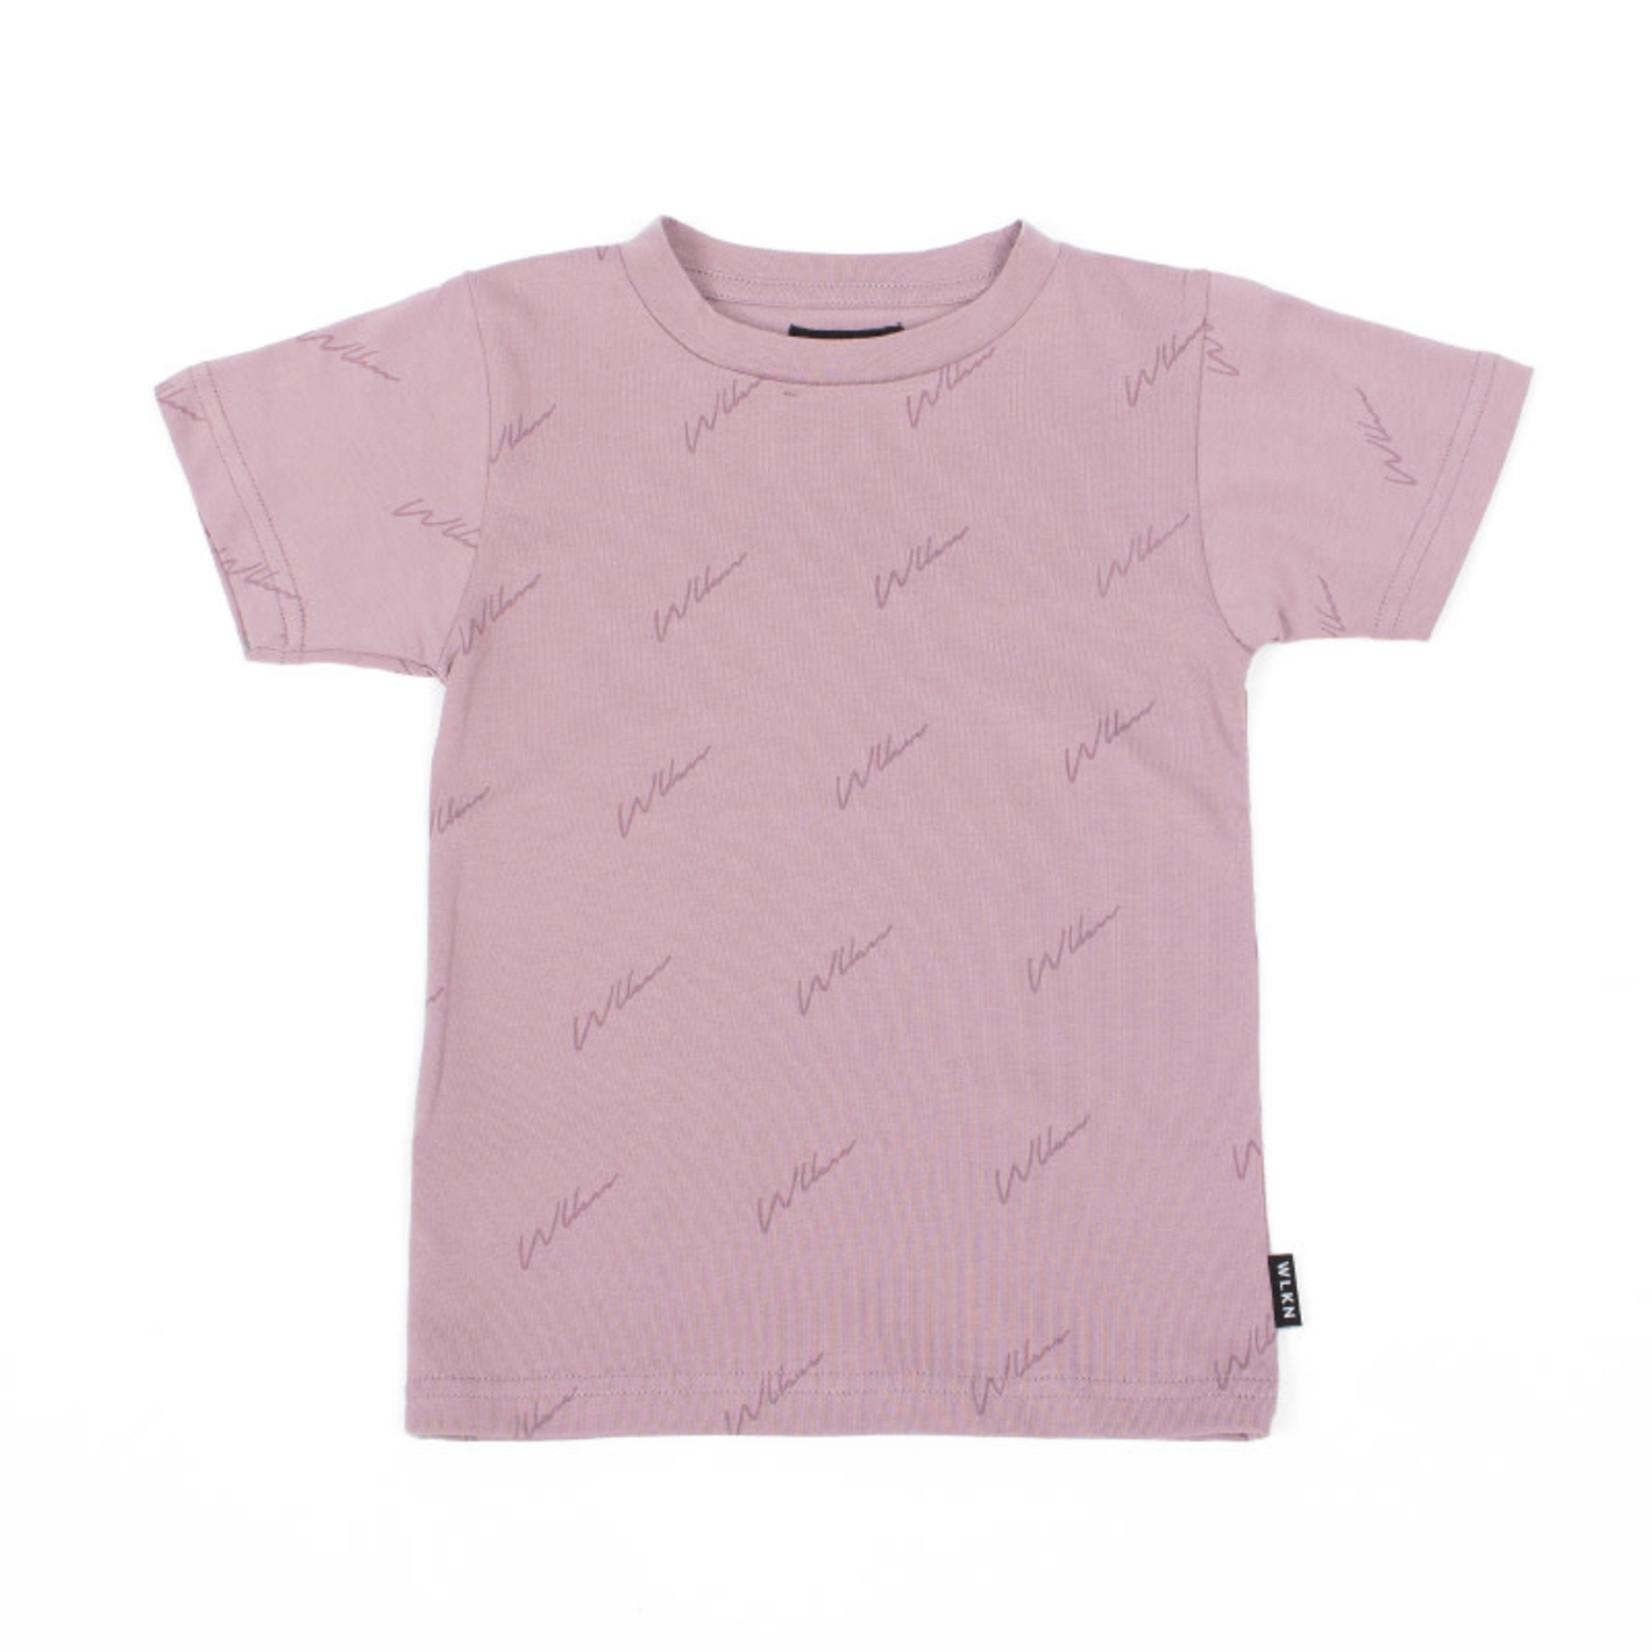 WLKN WLKN : Junior Allover Script T-Shirt